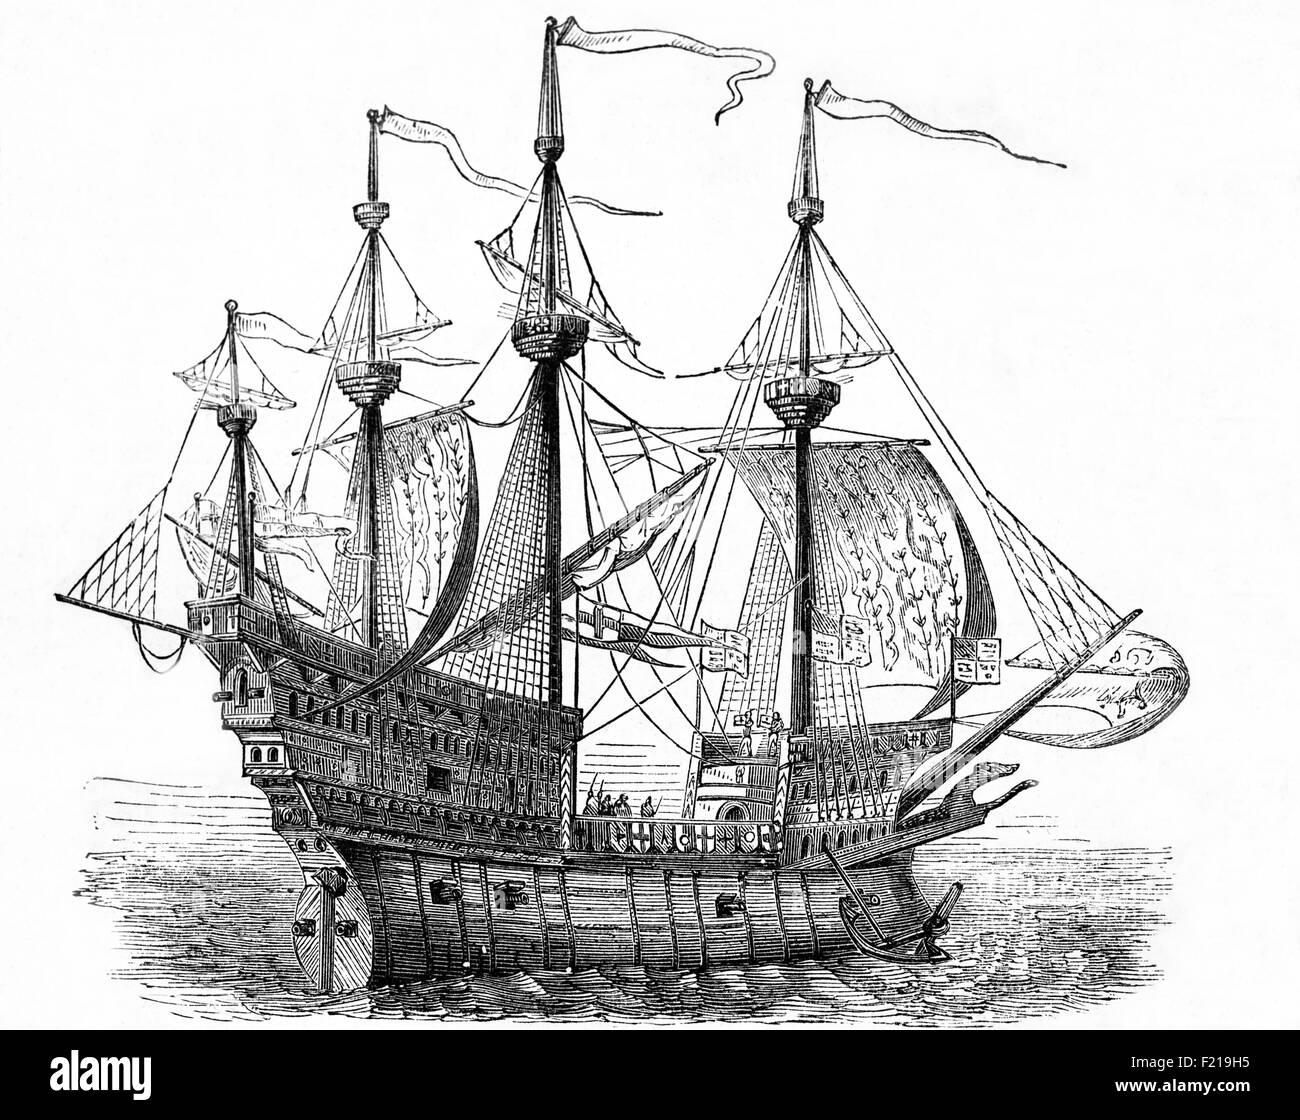 Die Mary Rose ist ein karrackartige Kriegsschiff der englischen Tudor-Marine von König Heinrich VIII. Sie diente 33 Jahre lang in mehreren Kriegen gegen Frankreich, Schottland und die Bretagne. Nach dem substanziellen Wiederaufbau im Jahr 1536, sah sie ihre letzte Aktion am 19. Juli 1545. Sie führte den Angriff auf die Galeeren einer französischen Invasionsflotte an, sank aber im Solent, der Meerenge nördlich der Isle of Wight. Nach einer Originalzeichnung des Künstlers des 16th. Jahrhunderts, Hans Holbein. Stockfoto